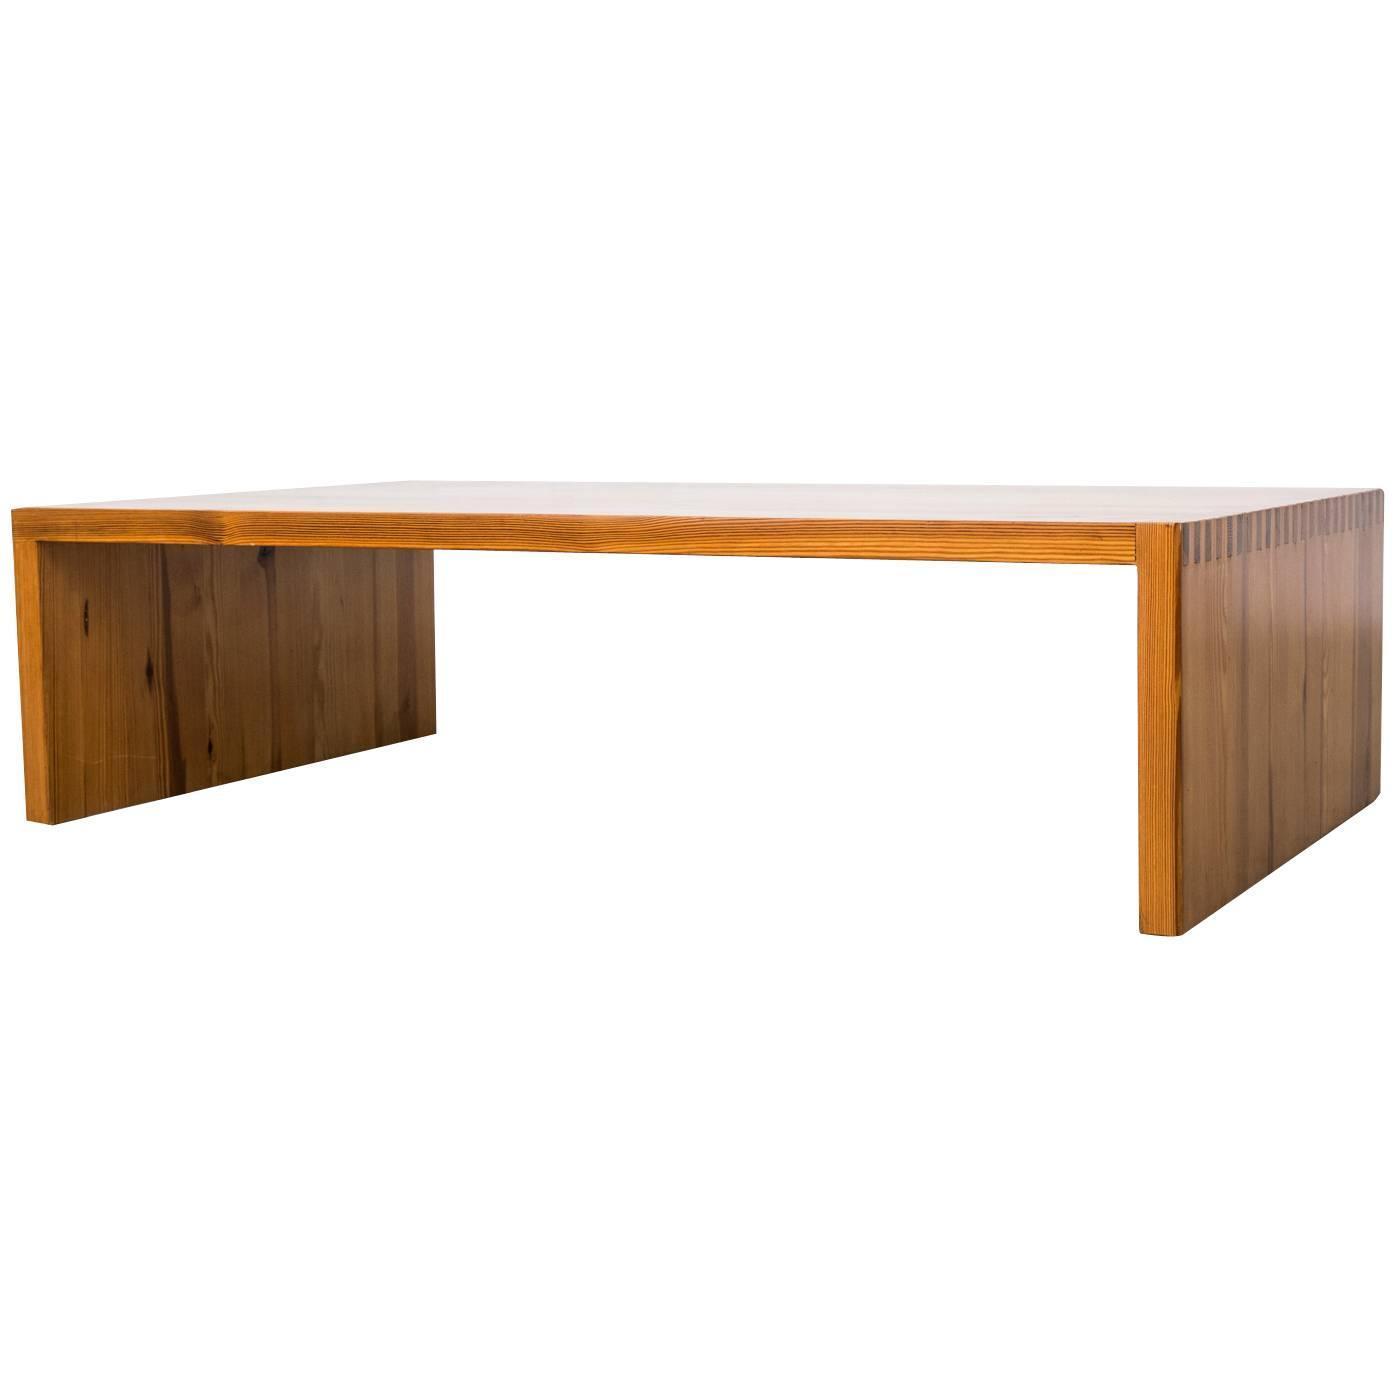 Aat Van Apeldoorn Pine Slat Wood Bench Or Coffee Table 1960 At 1stdibs